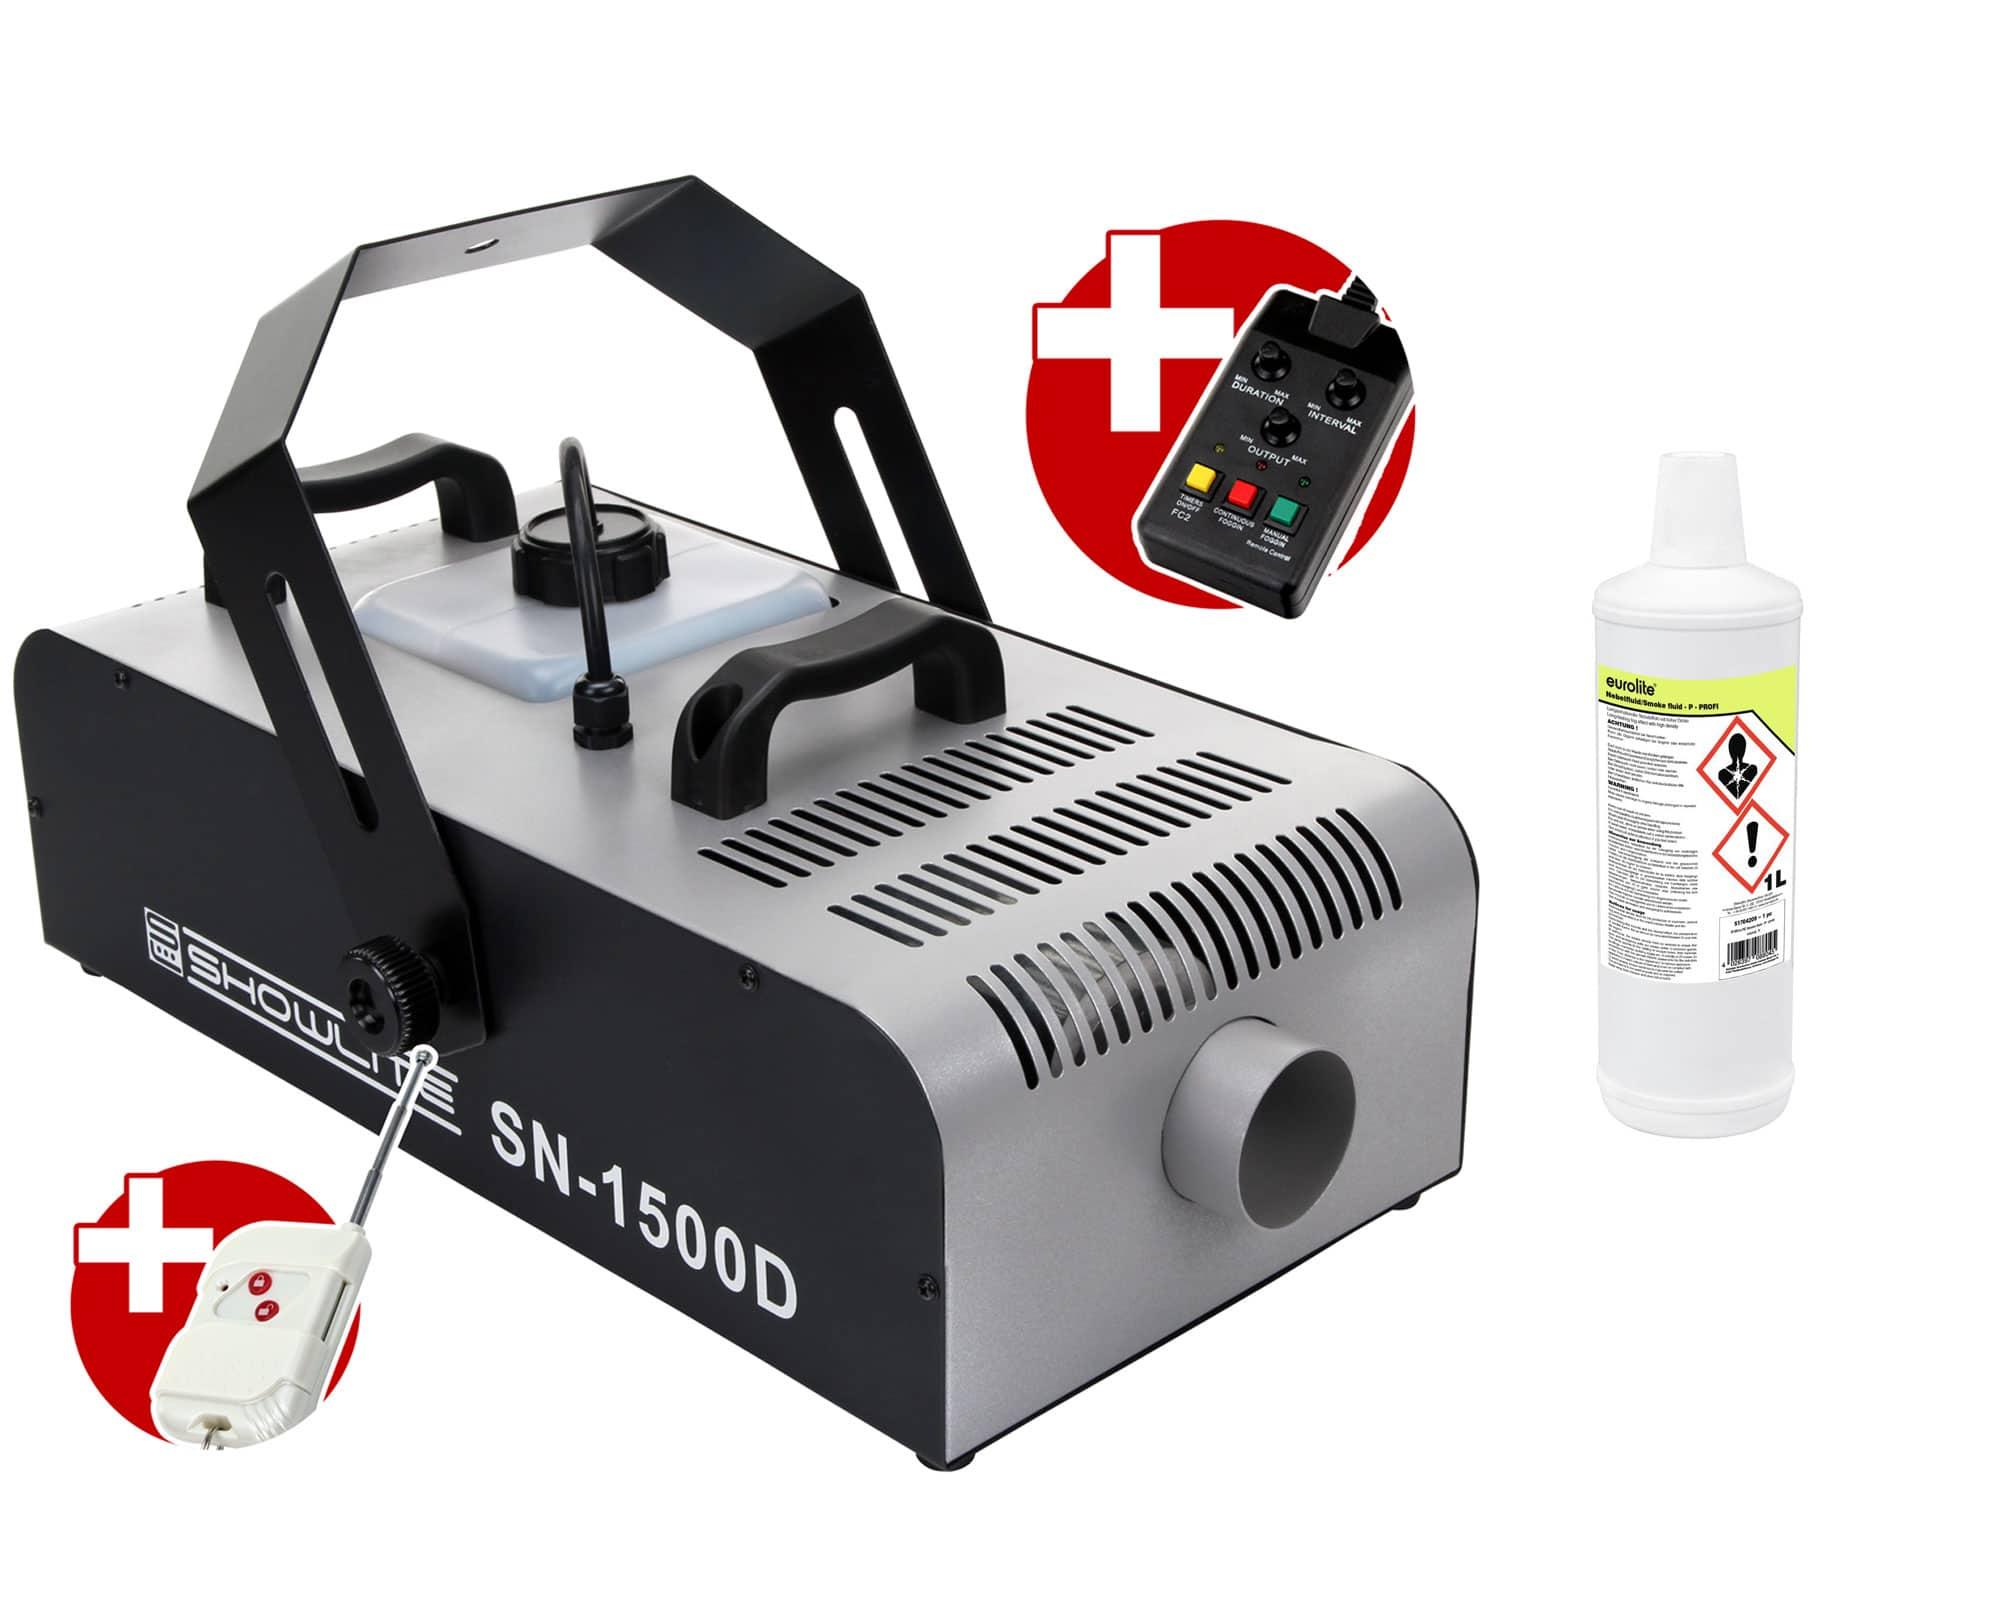 Komplettset Showlite SN 1500D DMX Nebelmaschine 1500W inkl. Fernbedienung mit Timer 1 L Nebelfluid